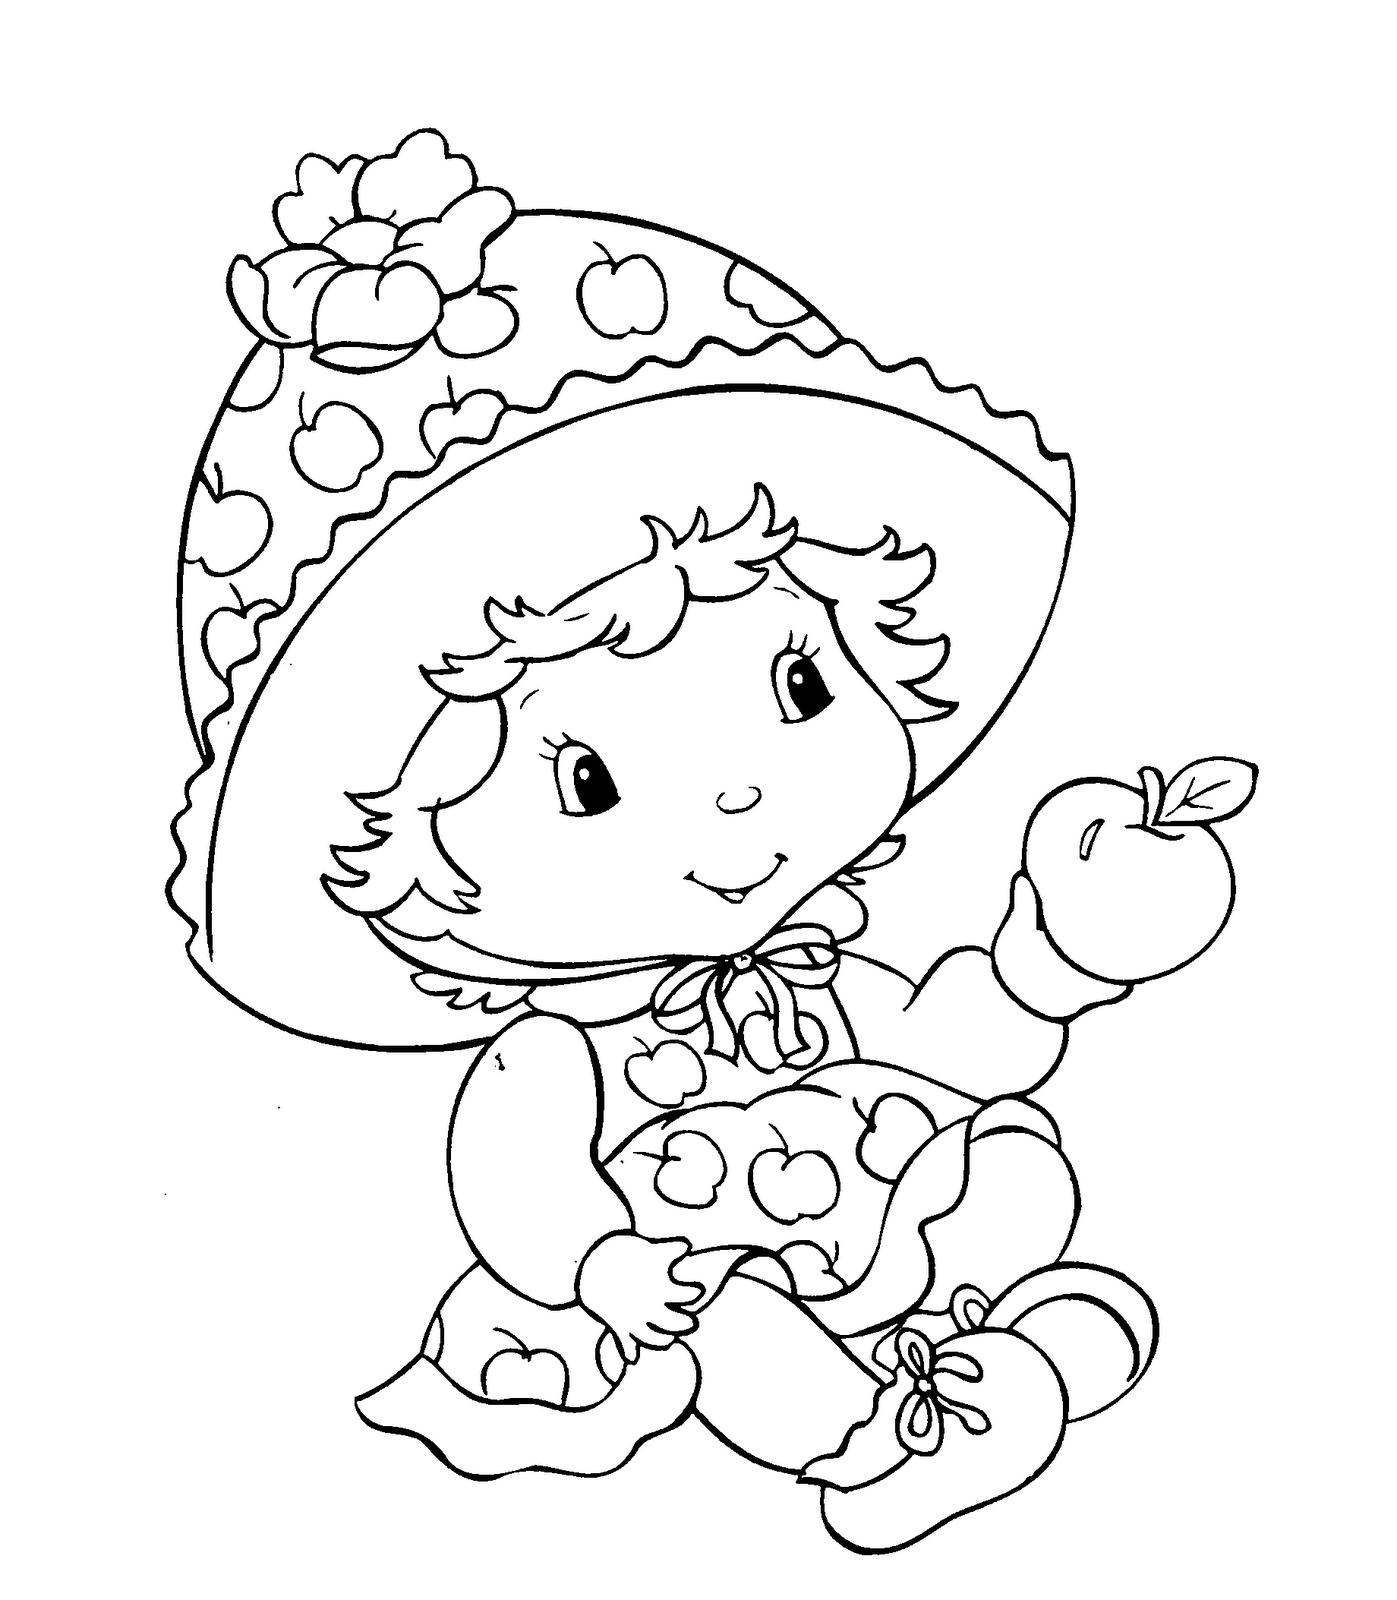 imagens de bebés para imprimir e colorir fichas e atividades